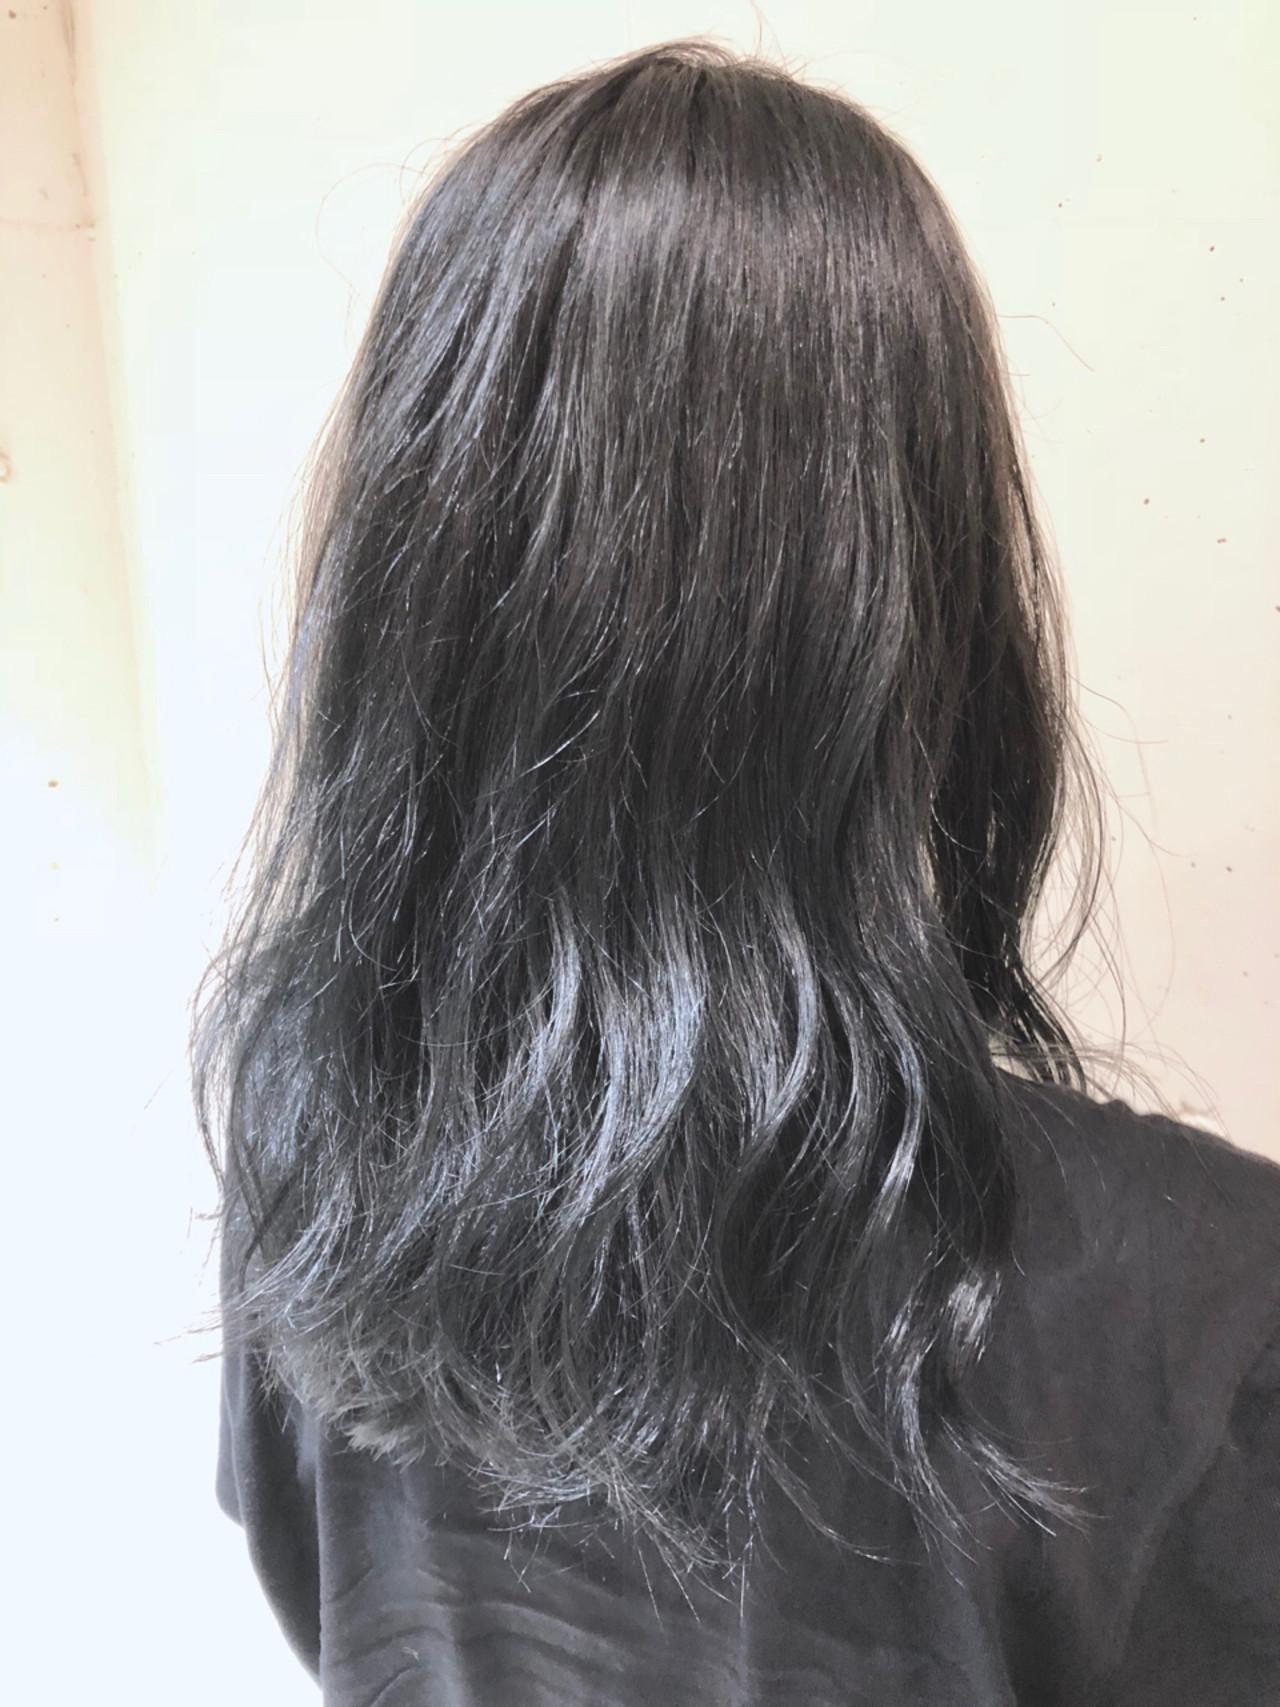 次のヘアカラーは、ブルーブラックへシフト!透明感を手に入れよう♡の16枚目の画像